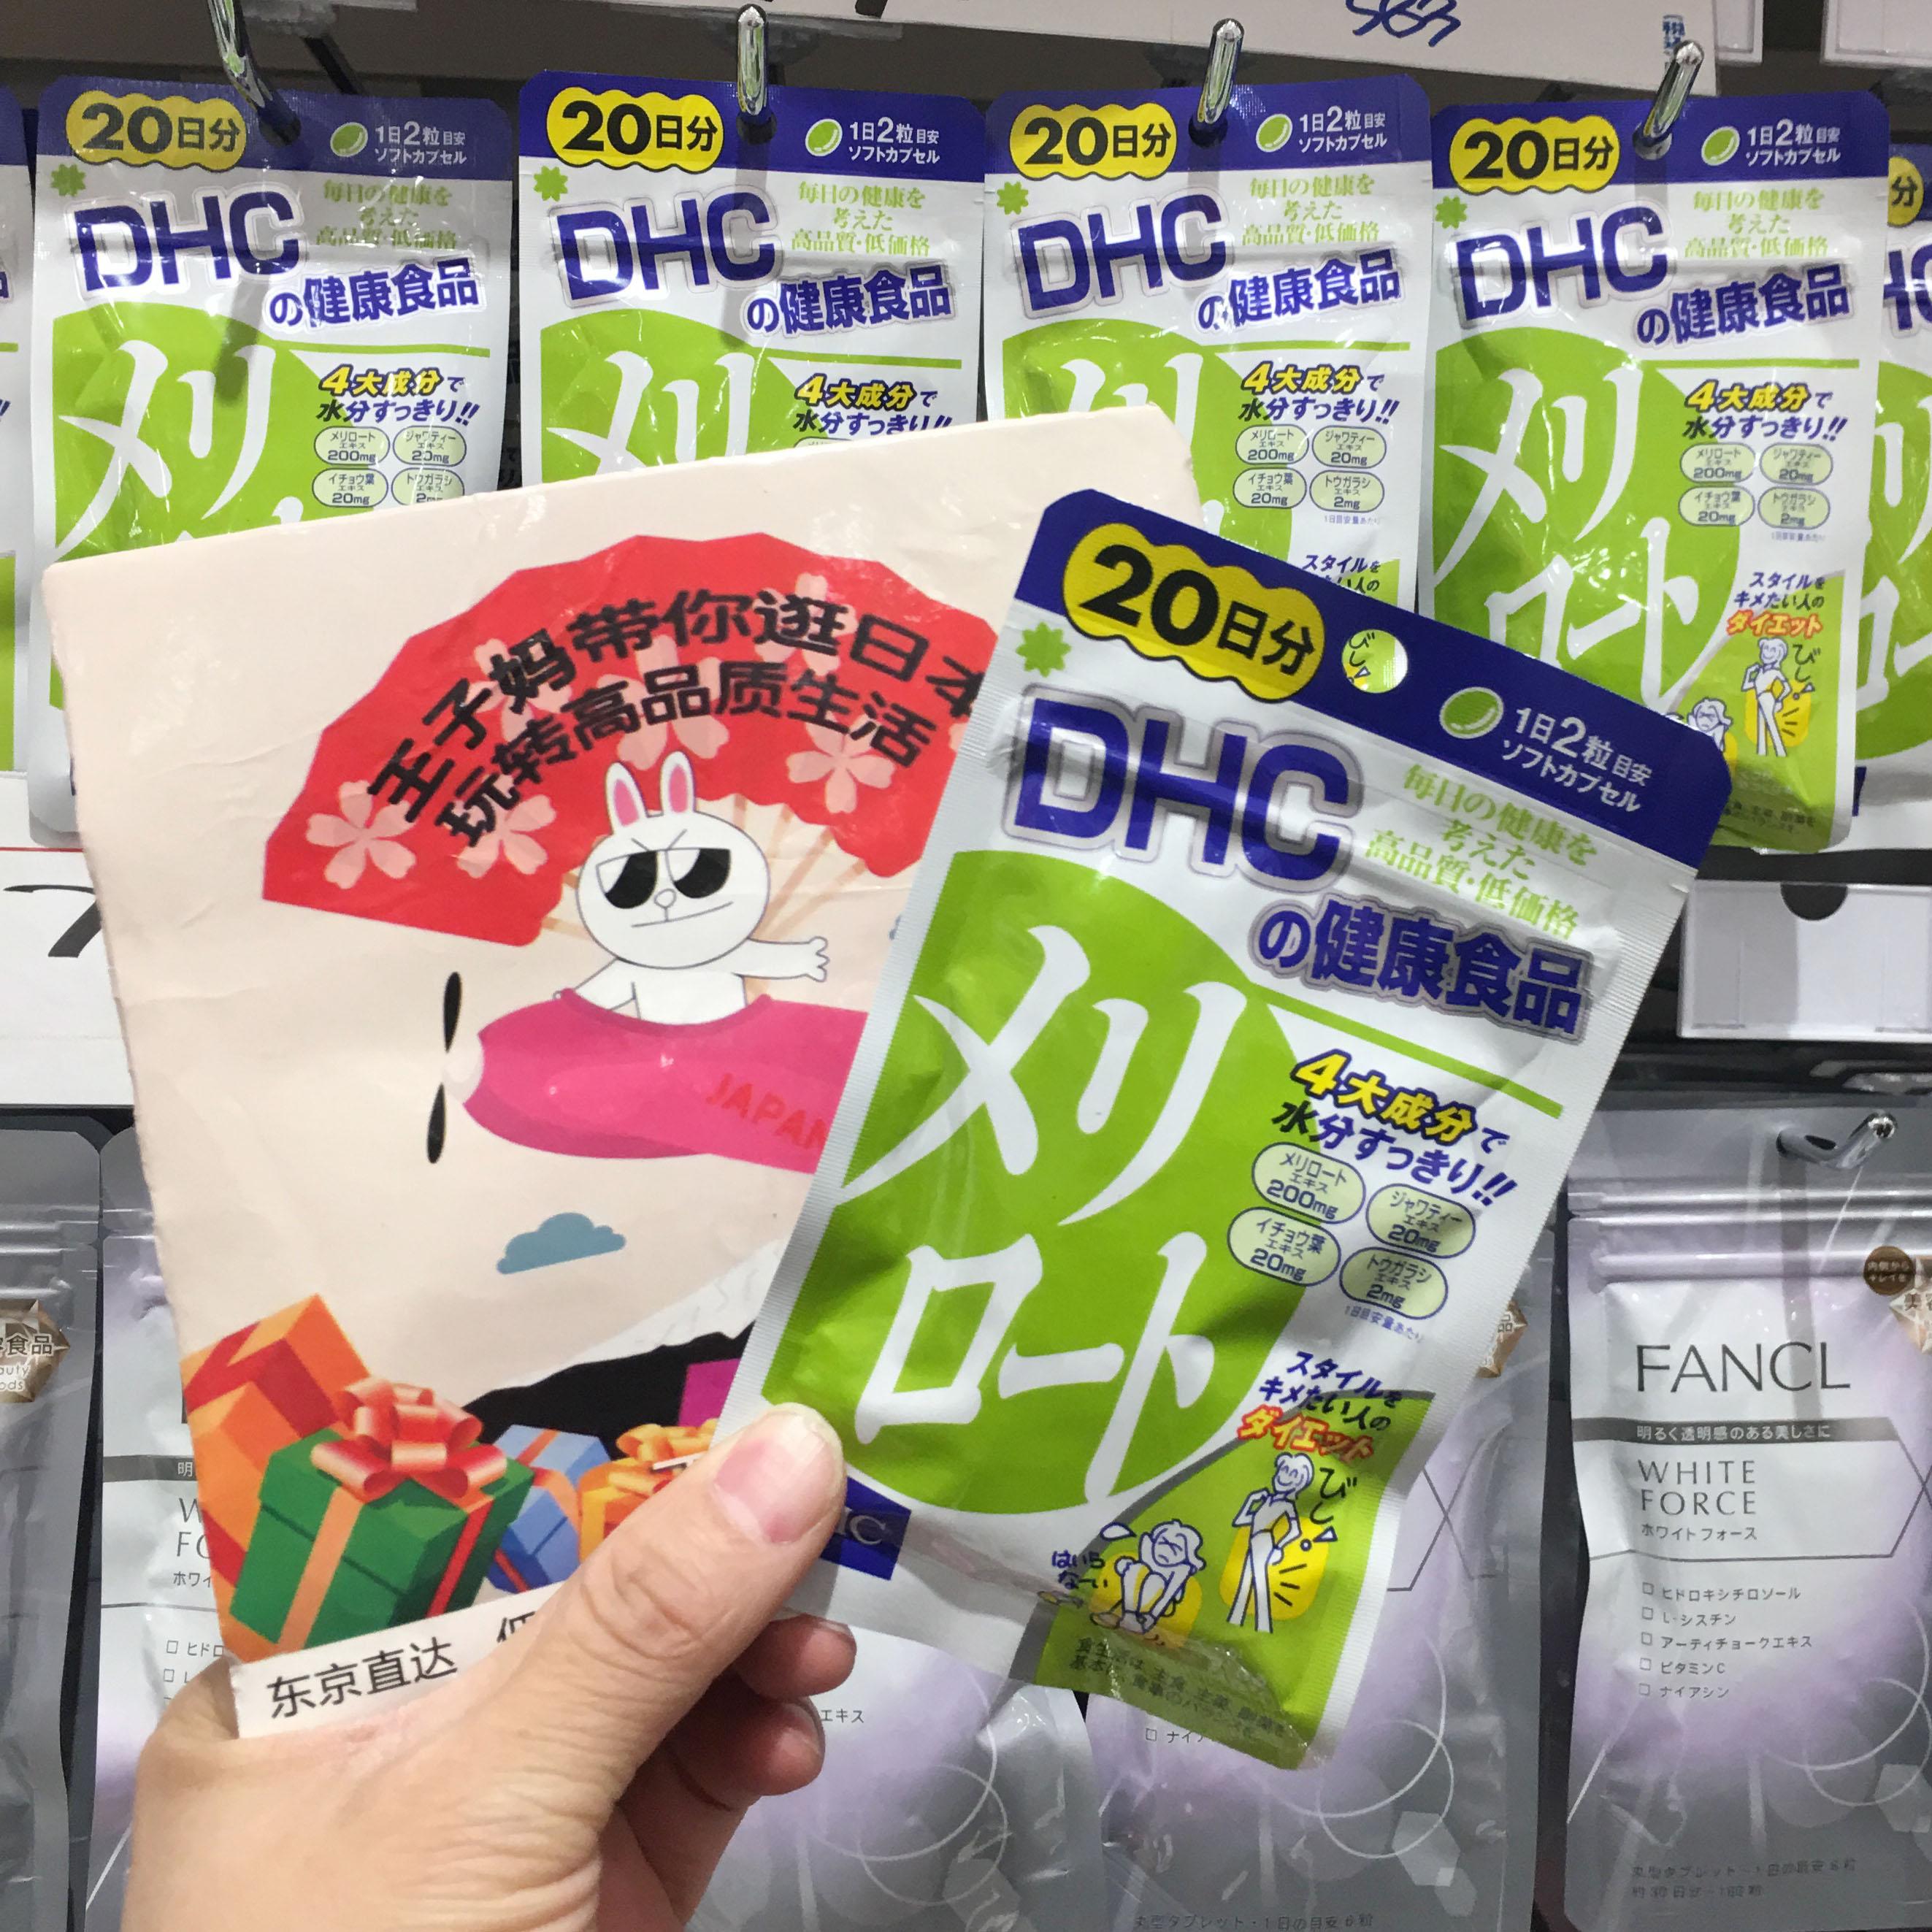 Япония день DHC под половину тело хорошо нога лист нога таблетка ницца нога лист хорошо тело таблетка 40 зерна